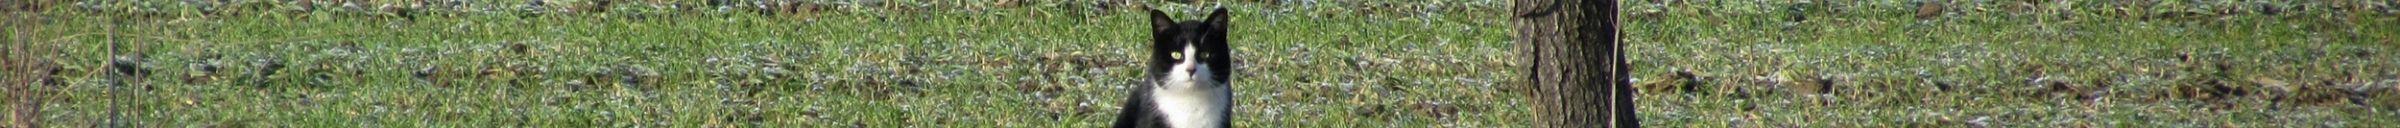 kintone ポータル スペース カバー画像(猫シリーズ)140